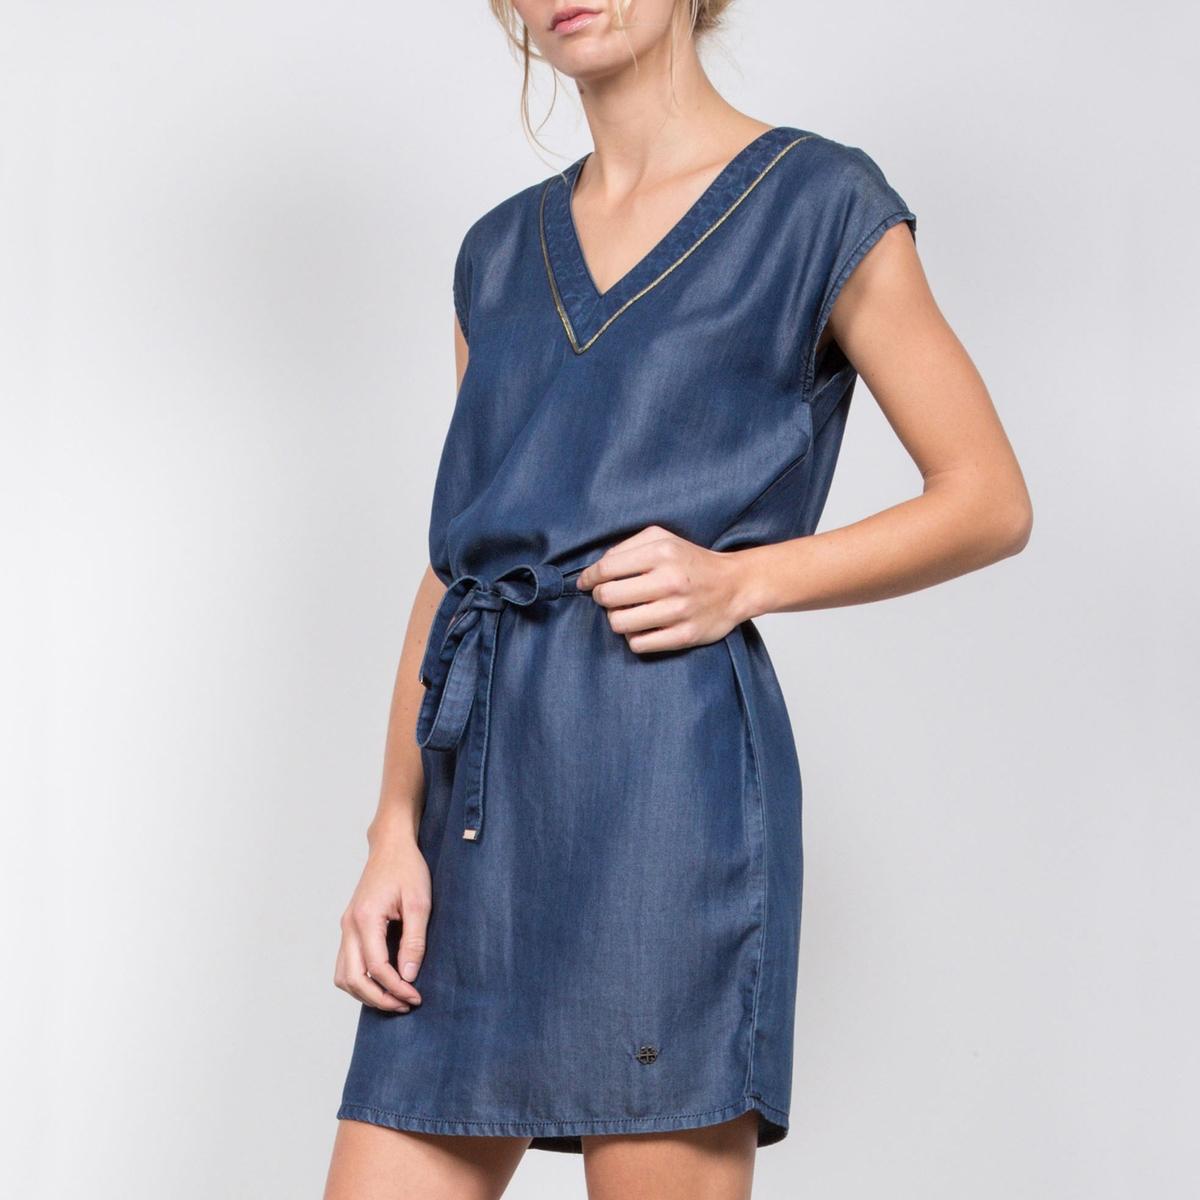 Платье с короткими рукавами из тенселаДетали   •  Форма : расклешенная   •  укороченная •  Короткие рукава    •   V-образный вырез Состав и уход  •  100% лиоцелл • Просьба следовать советам по уходу, указанным на этикетке изделия<br><br>Цвет: темно-синий<br>Размер: S